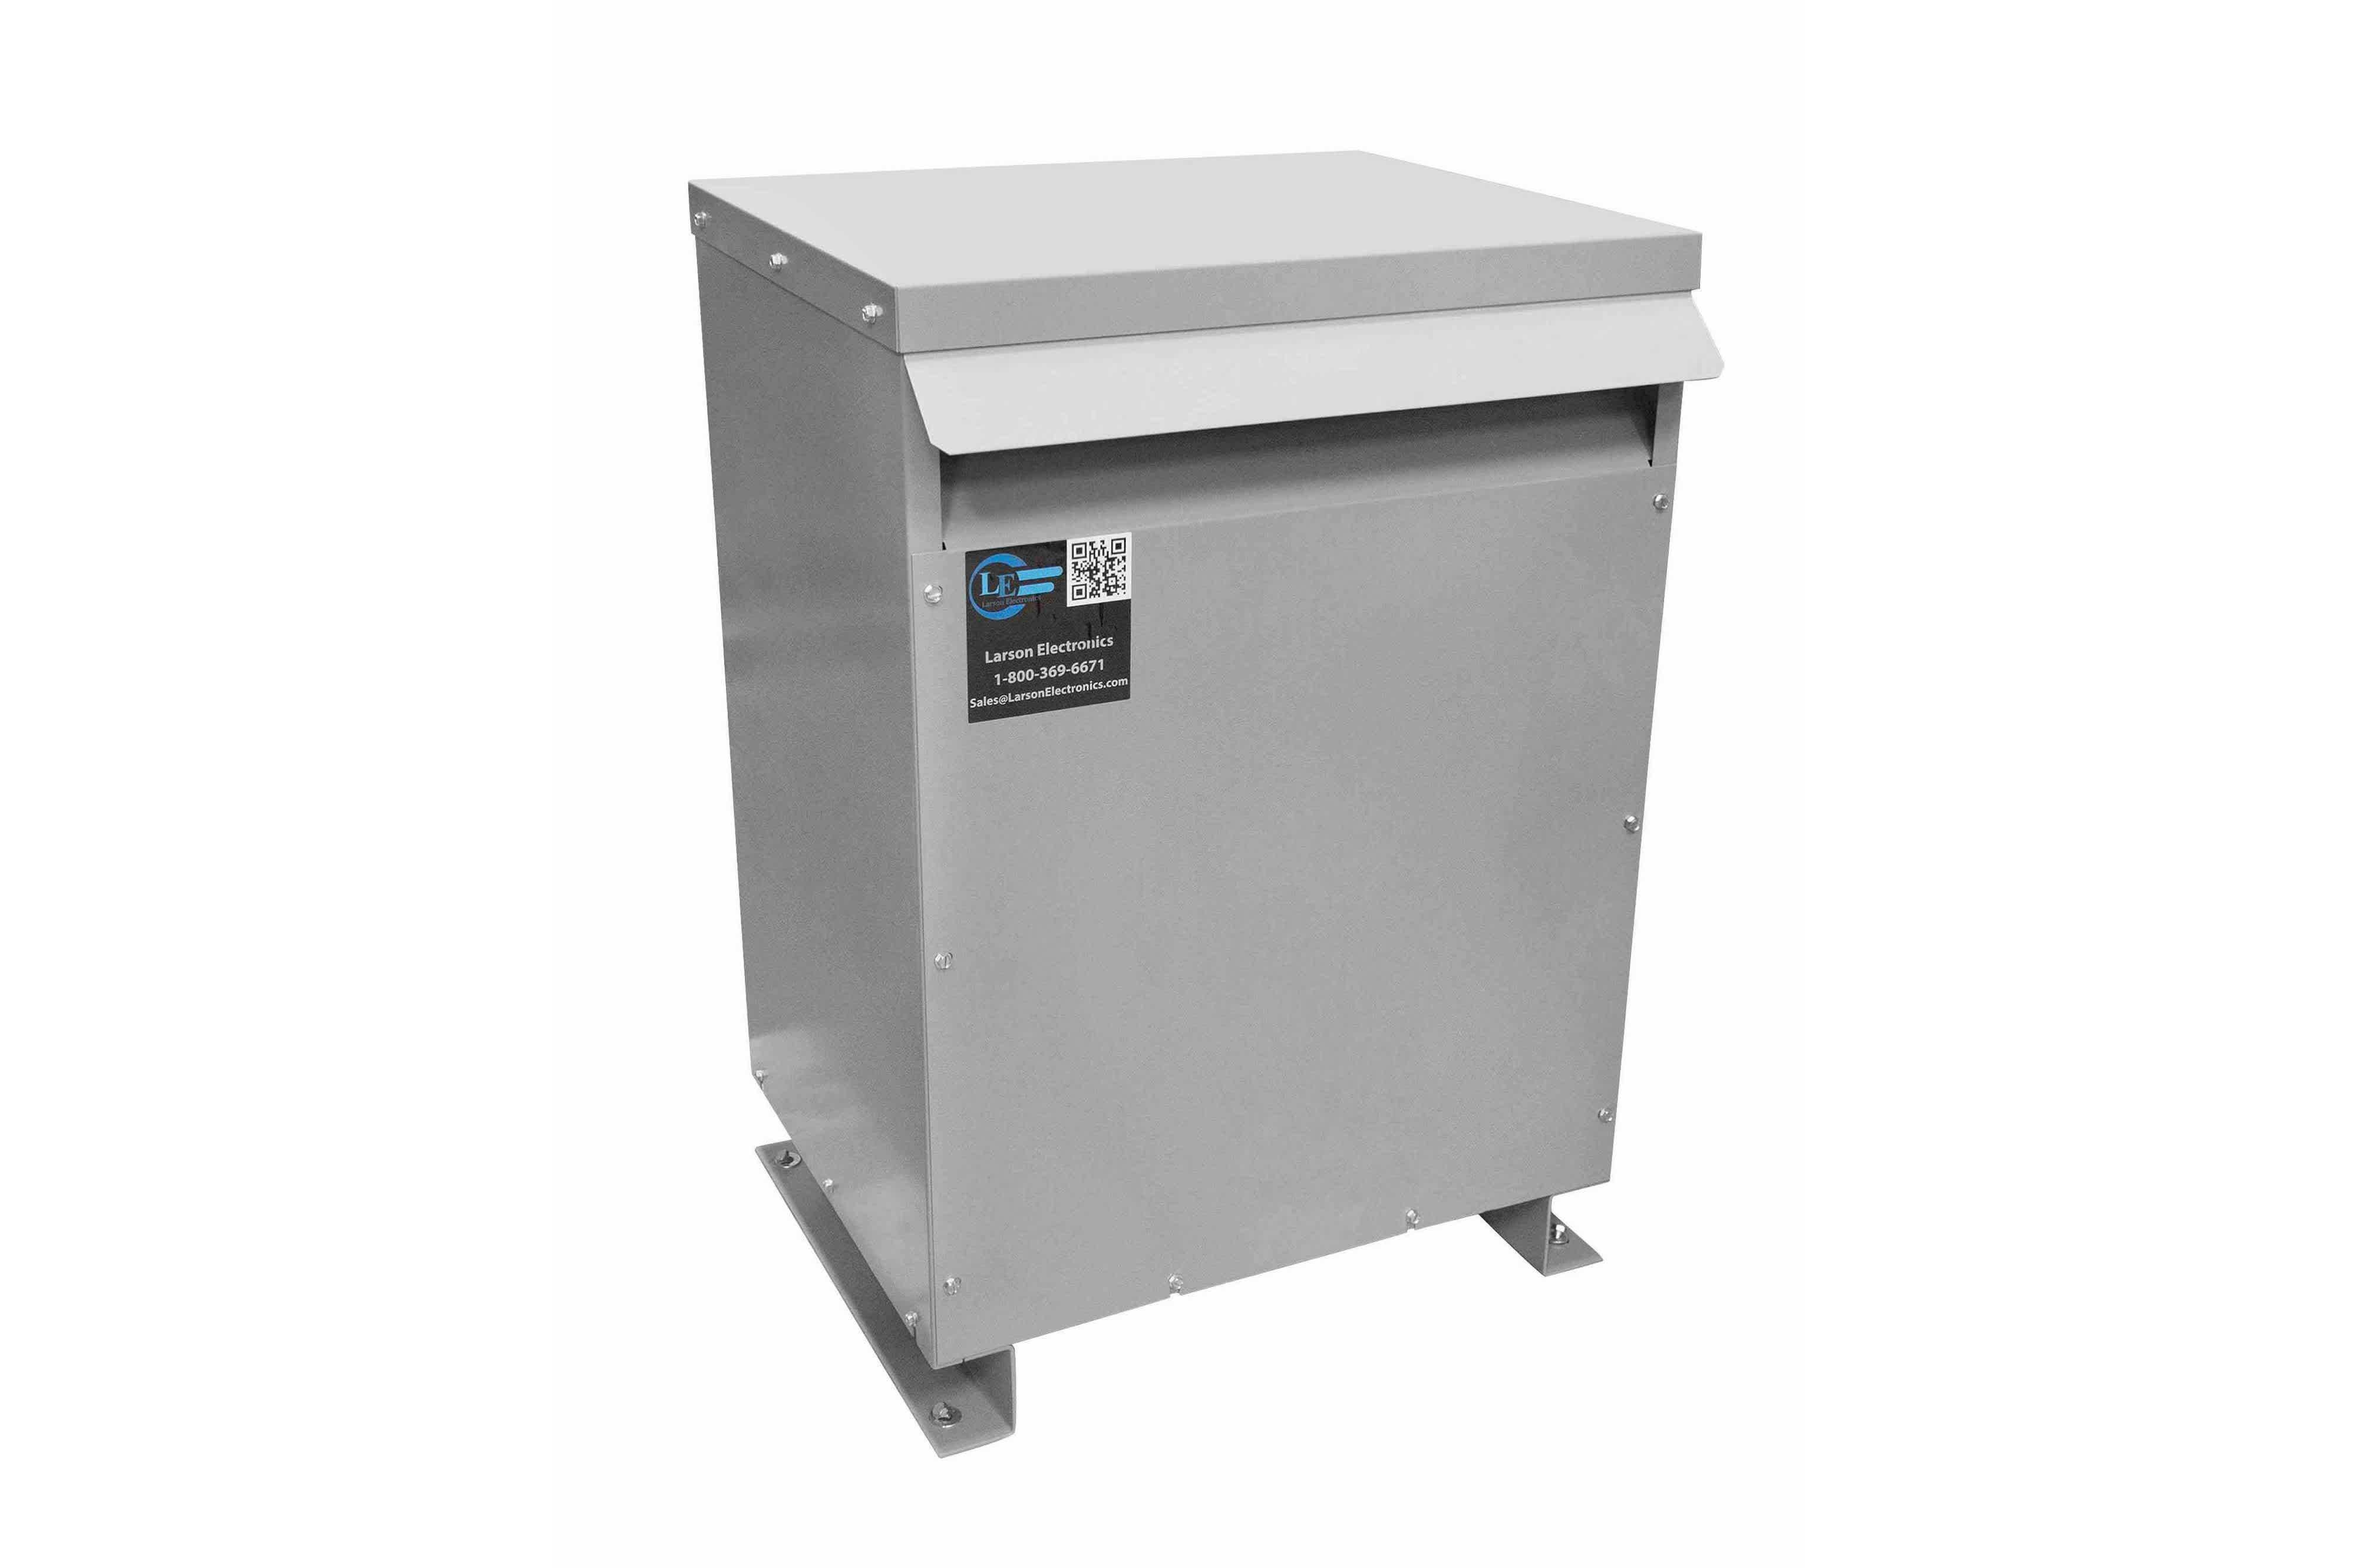 52.5 kVA 3PH Isolation Transformer, 575V Delta Primary, 380V Delta Secondary, N3R, Ventilated, 60 Hz